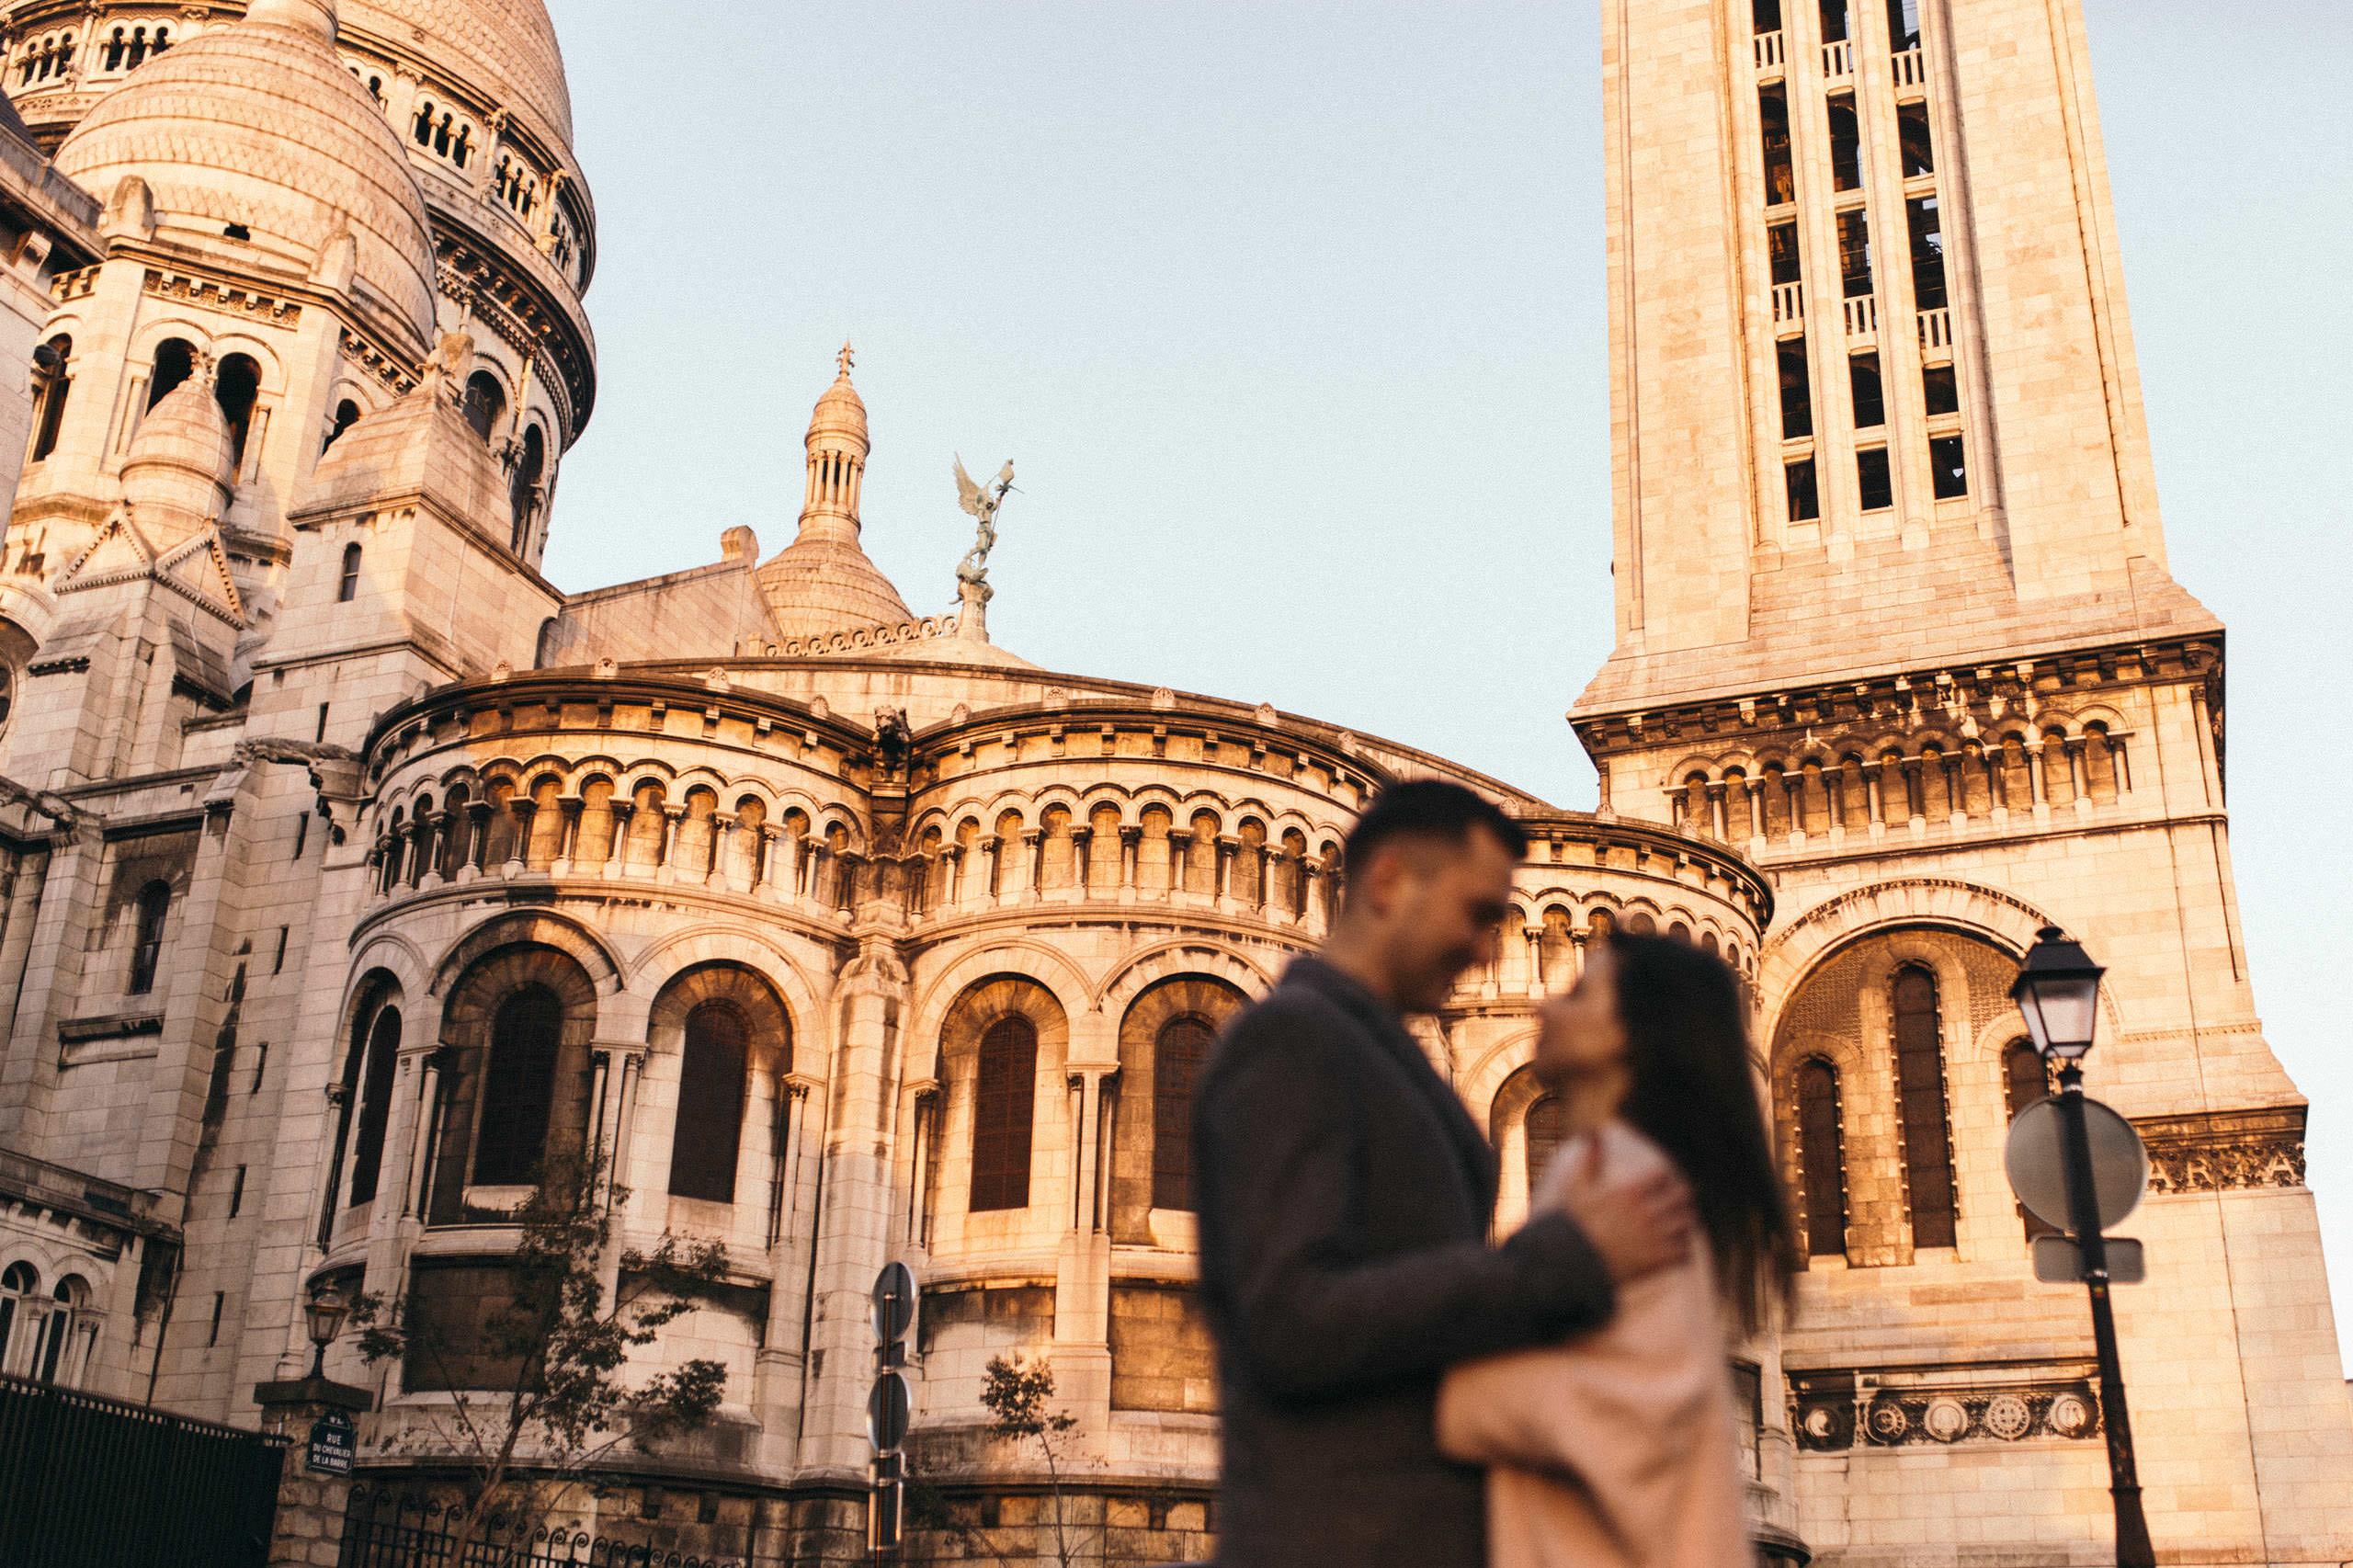 B&W - Engagement Photography Paris BW Engagement Photography Paris